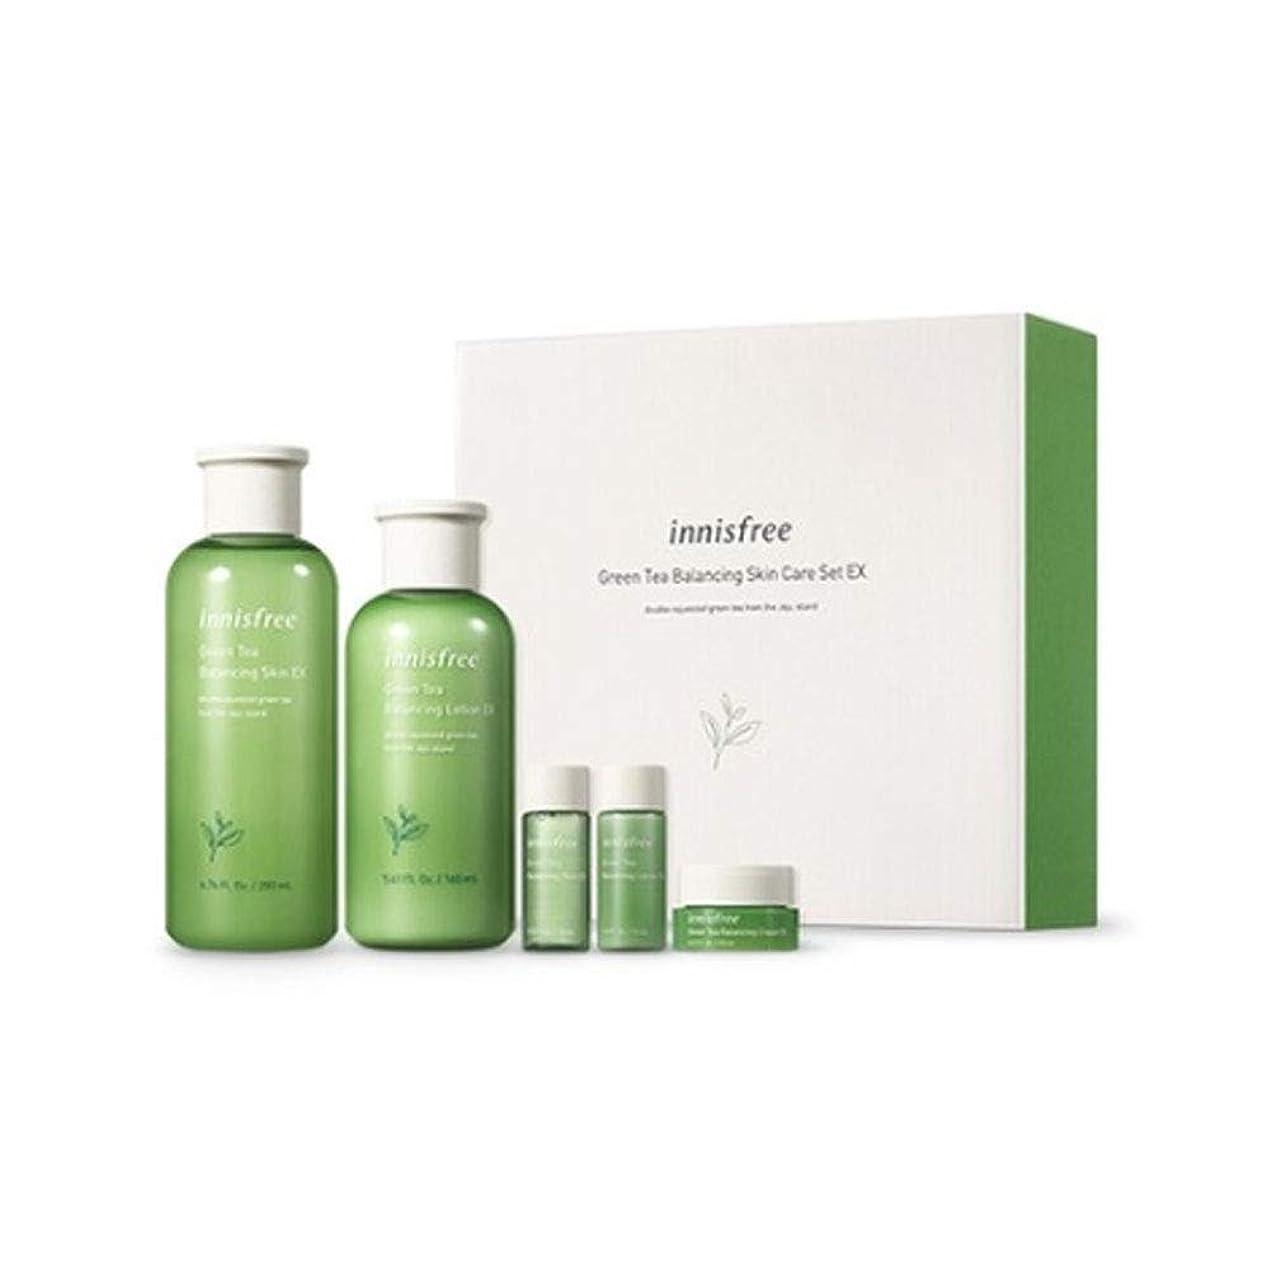 つかむ薄暗いかりてイニスフリーグリーンティーバランシングスキンケアセットの水分ケア韓国コスメ、innisfree Green Tea Balancing Skin Care Set Korean Cosmetics [並行輸入品]